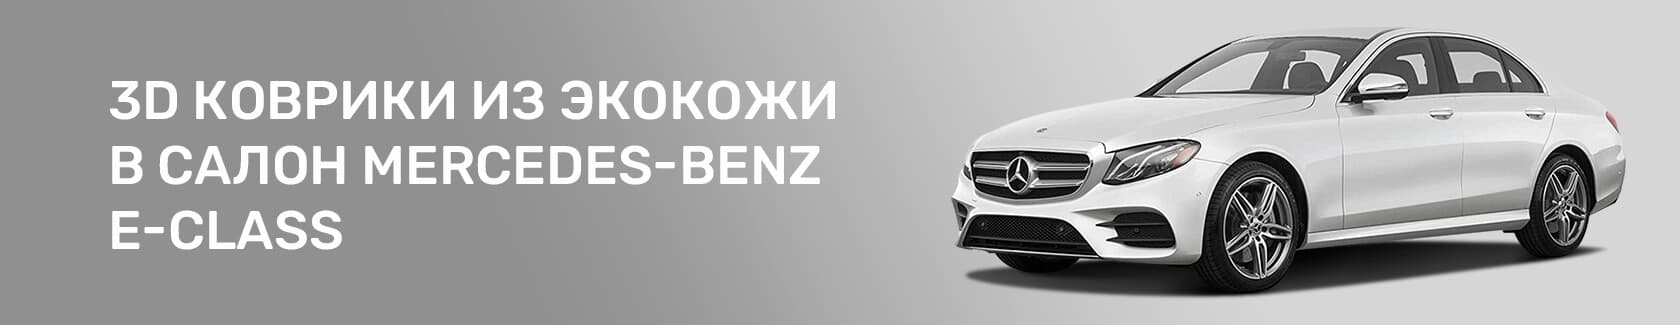 3D-коврики из экокожи для Mercedes-Benz E-class в салон и багажник авто